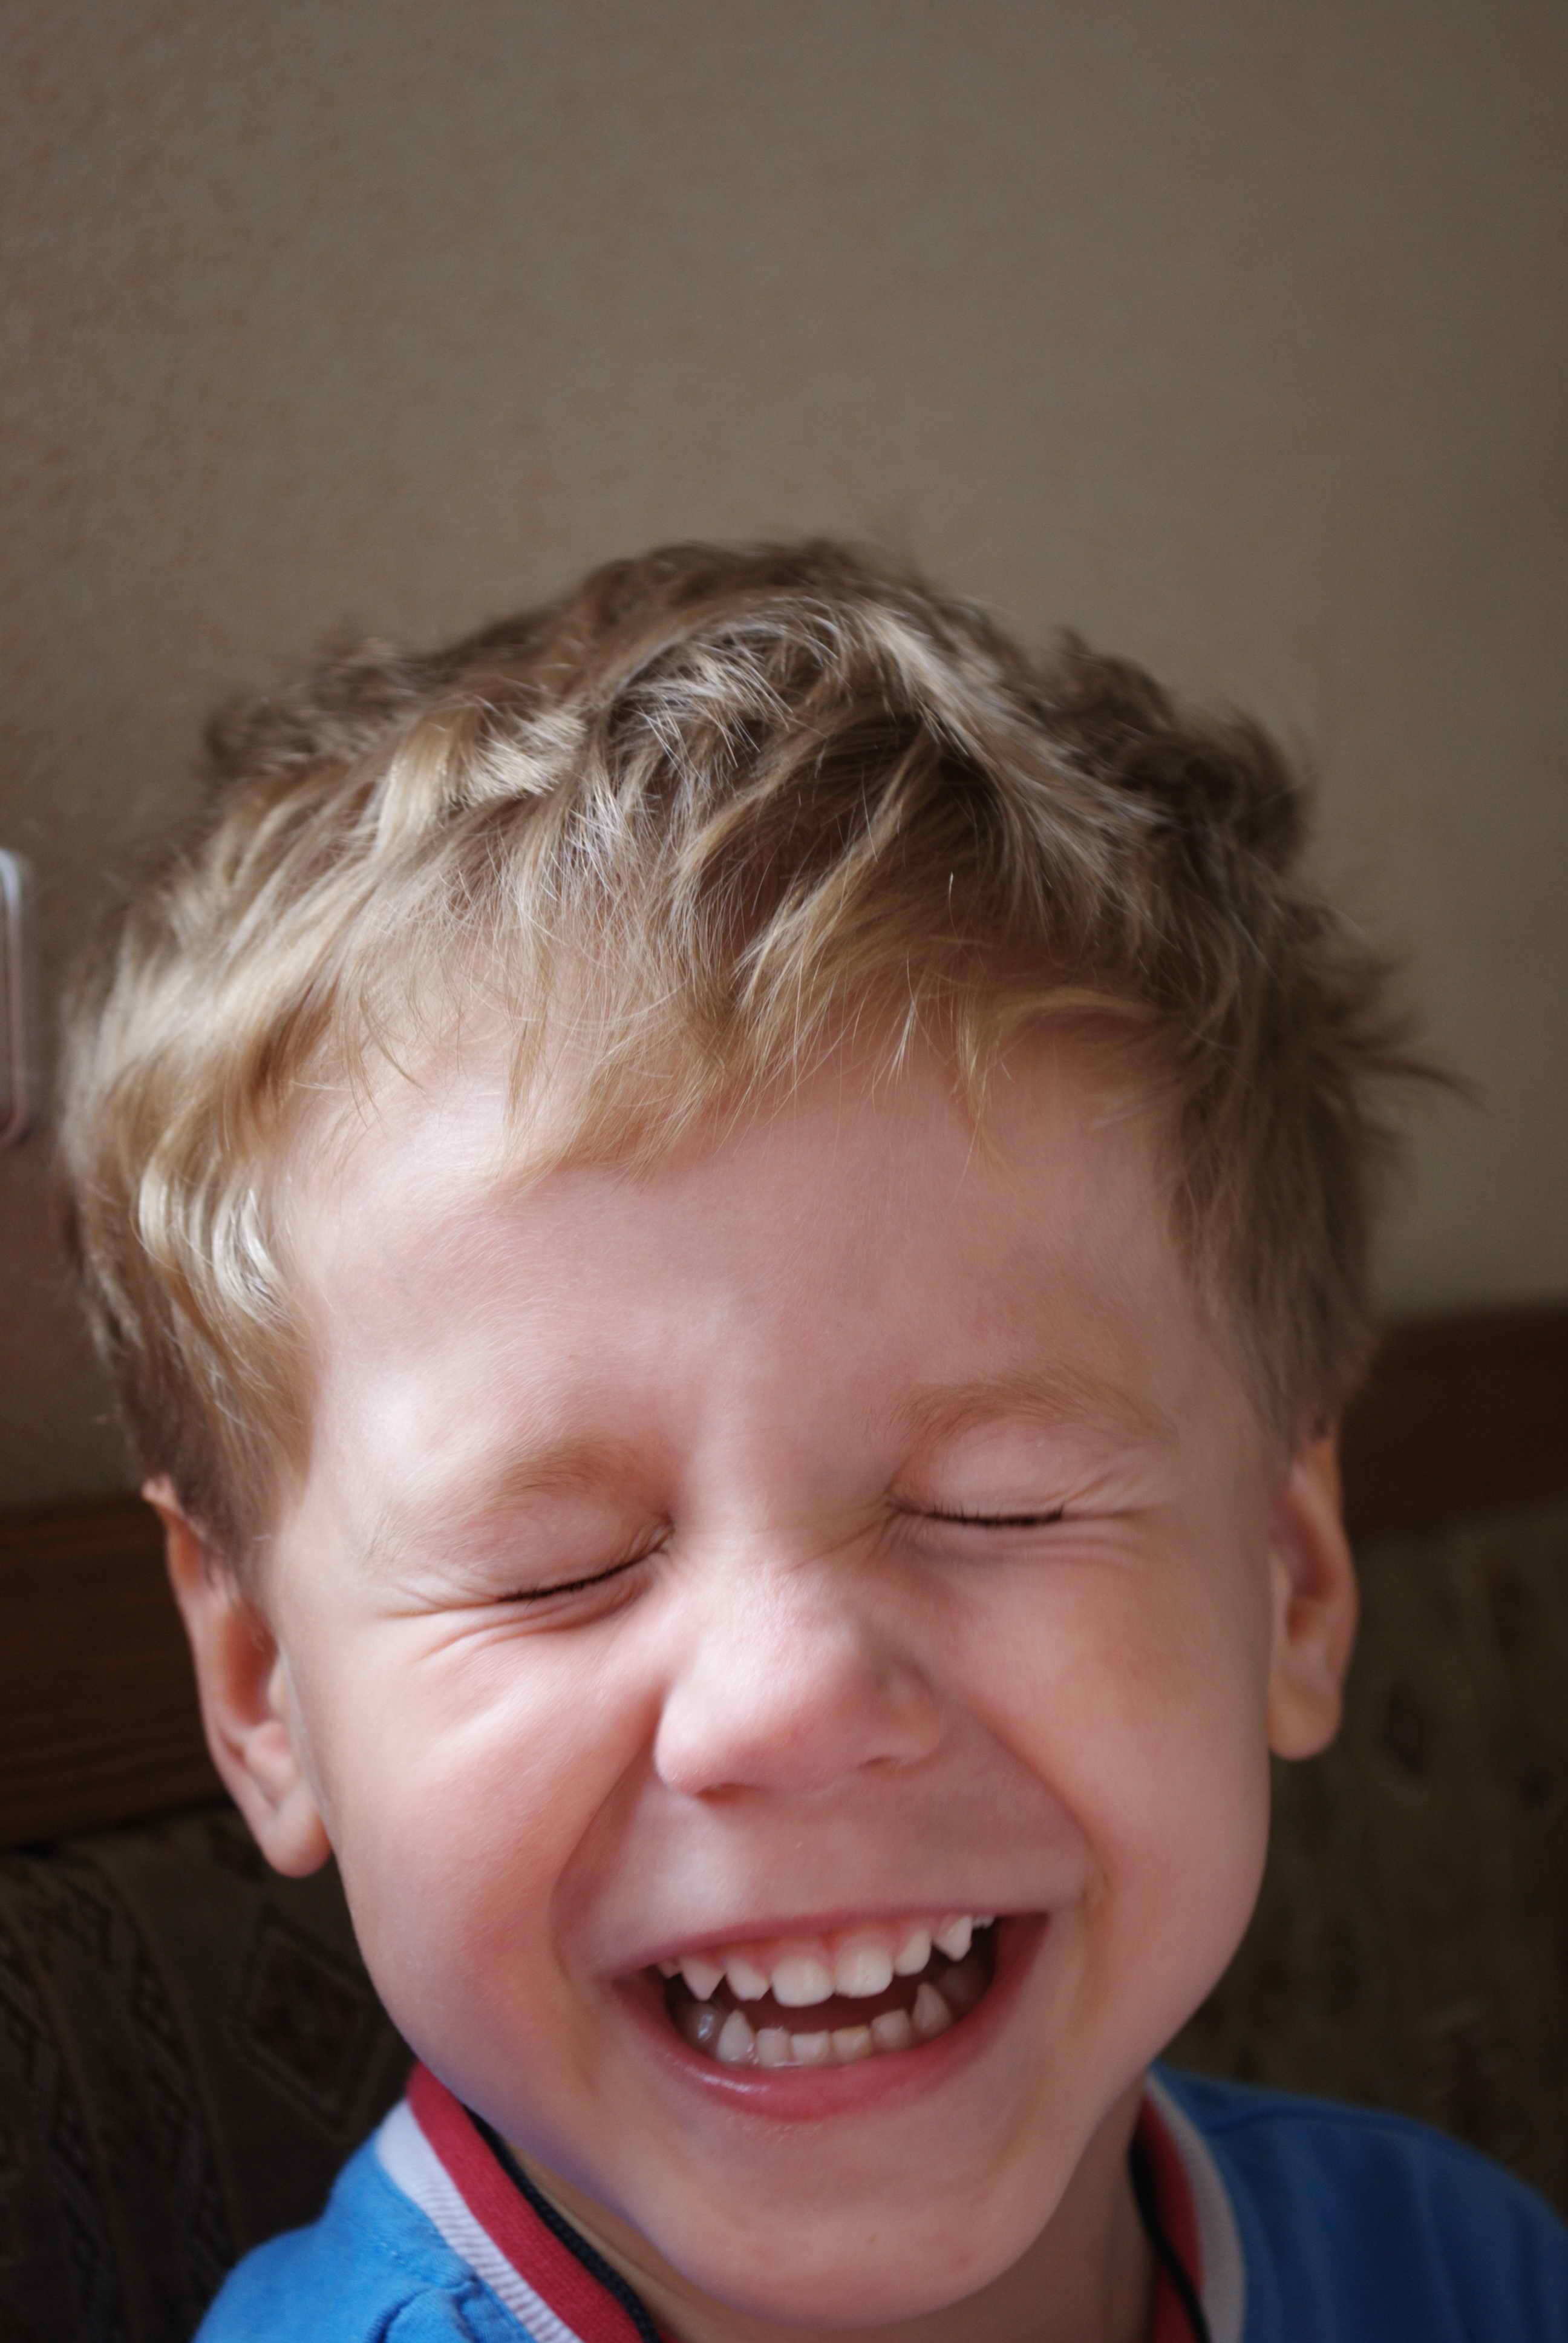 Антон смеется. Время улыбаться